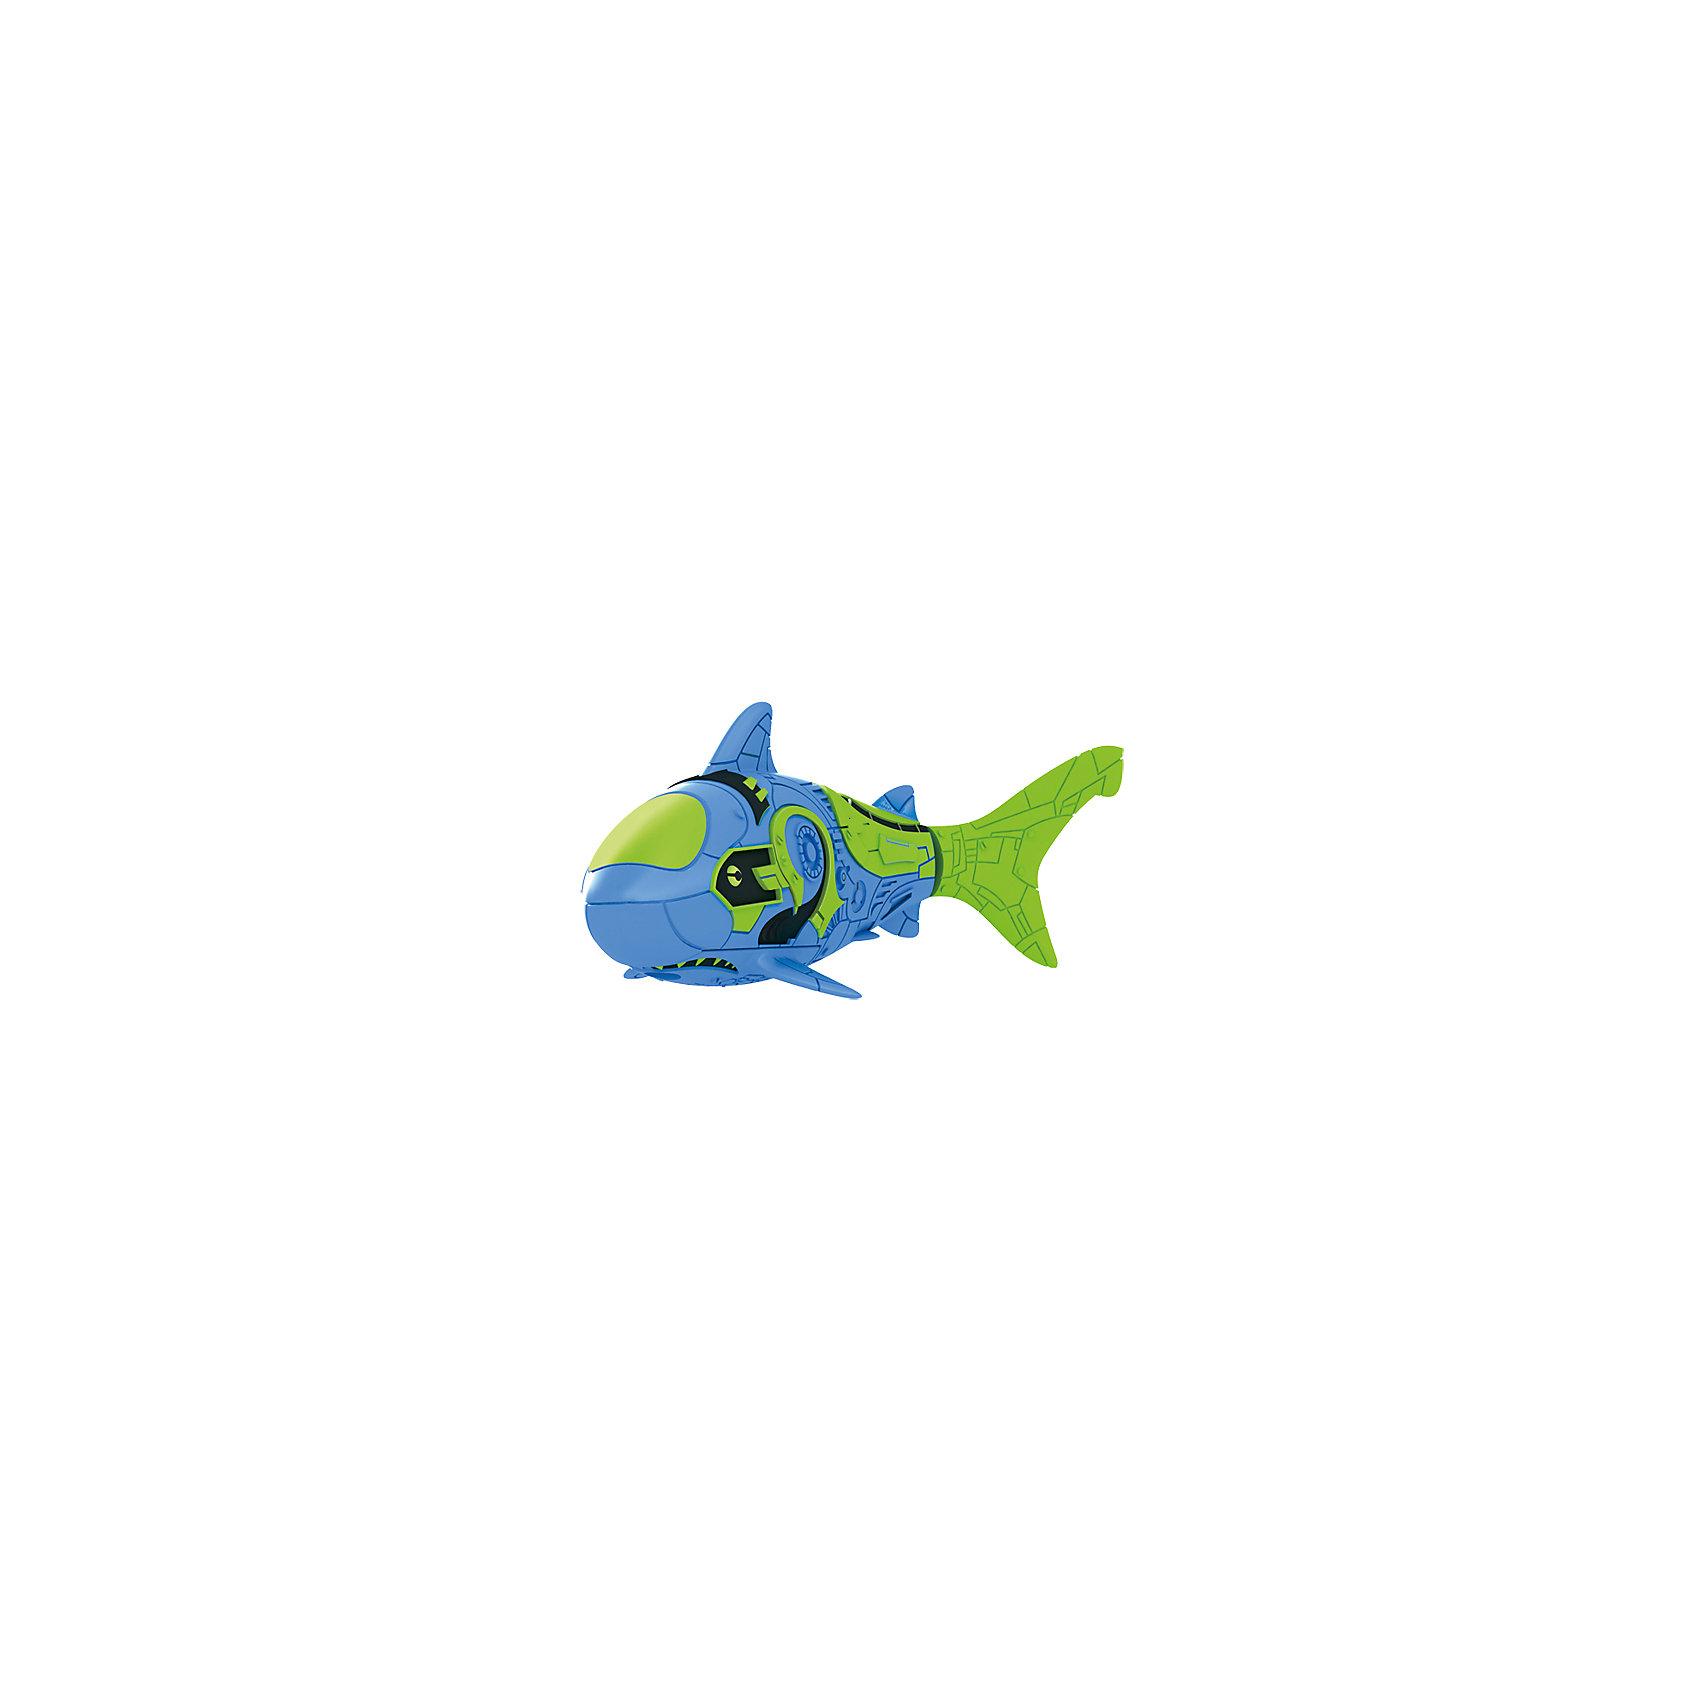 РобоРыбка Акула синяя, RoboFishРоборыбки и русалки<br>Тропическая РобоРыбка Акула, ZURU (Зуру) – это высокотехнологичная инновационная игрушка, имитирующая движения и повадки рыбы в воде.<br>Тропическая РобоРыбка (Robofish) Акула выглядит как настоящая и двигается словно живая! Для РобоРыбки нужна только ёмкость с водой, и никакого ухода! Автоматический датчик, активирует рыбку в воде. Мягкий силиконовый хвост и электромагнитный мотор позволит ей двигаться в 5 различных направлениях: влево, вправо, вперед, вверх или вниз. Ультразвуковая герметизация на 100% защитит внутренности от проникновения воды. РобоРыбка повторяет повадки настоящих рыб: опускается на дно и всплывает на поверхность, сбивается в стаи с другими роборыбками, трется о стенки аквариума, меняет скорость движения, оплывает преграды. Внутри рыбки в крышке под батарейками находится специальный грузик, регулирующий глубину ее погружения. Для того, чтобы рыбка перестала двигаться нужно достать её из воды и насухо вытереть. Хранить РобоРыбку можно на специальной подставке, которая есть в комплекте. Игрушка выполнена из материалов абсолютно безопасных для здоровья.<br><br>Дополнительная информация:<br><br>- Возраст: для детей от 3 лет<br>- В комплекте: 1 рыбка, подставка, 4 батарейки (две установлены в игрушку и 2 запасные)<br>- Батарейки: тип RL44(A76)<br>- Размер рыбки: 7,5 x 2,0 x 3,5 см.<br>- Материал: пластик с элементами металла и резины<br>- Вес в упаковке: 72 г.<br>- Размер упаковки: 20 x 6,5 x 5 см.<br><br>Тропическая РобоРыбка (Робофиш) Акула, ZURU (Зуру) - заведите себе аквариум, обитатели которого порадуют и развлекут Вас своими забавными повадками и при этом совсем не потребуют никакого ухода!<br><br>Тропическую РобоРыбку Акула, ZURU (Зуру) можно купить в нашем интернет-магазине.<br><br>Ширина мм: 435<br>Глубина мм: 240<br>Высота мм: 405<br>Вес г: 218<br>Возраст от месяцев: 48<br>Возраст до месяцев: 96<br>Пол: Мужской<br>Возраст: Детский<br>SKU: 3609994